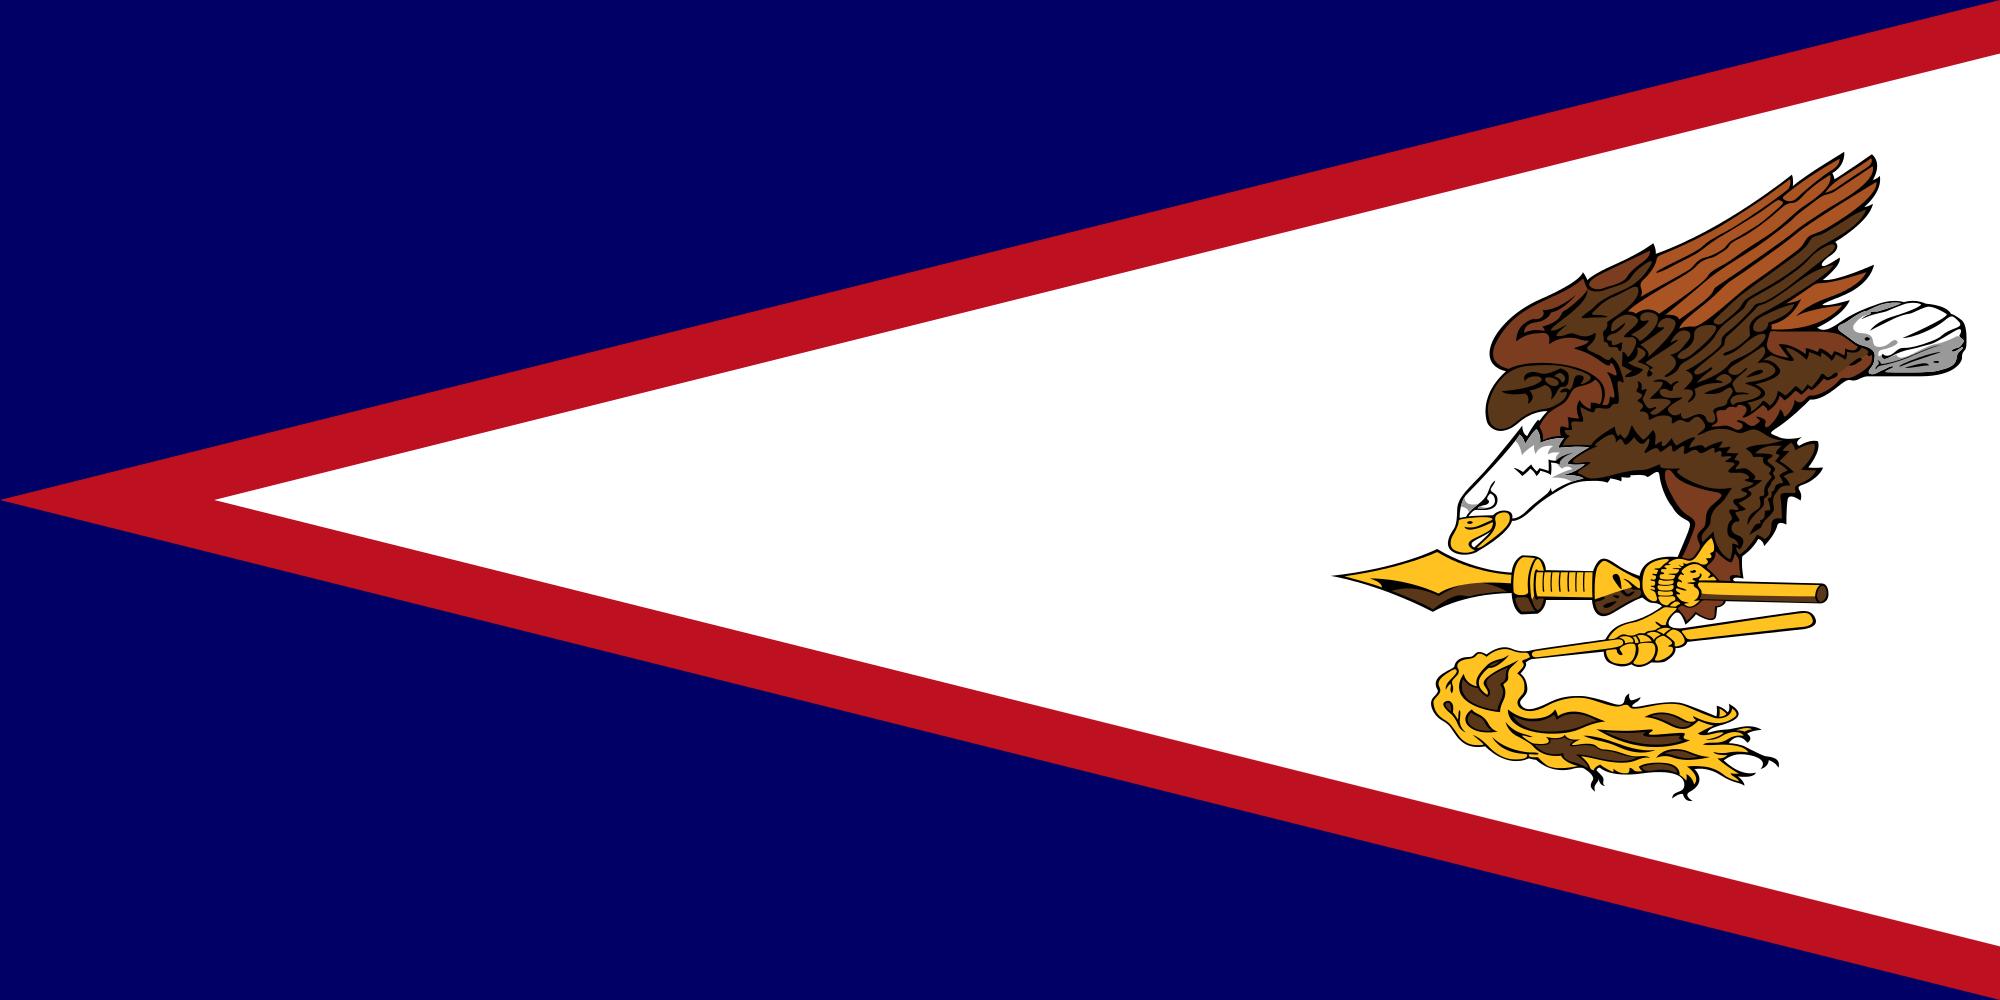 ساموا الأمريكية, البلد, emblema, شعار, الرمز - خلفيات عالية الدقة - أستاذ falken.com